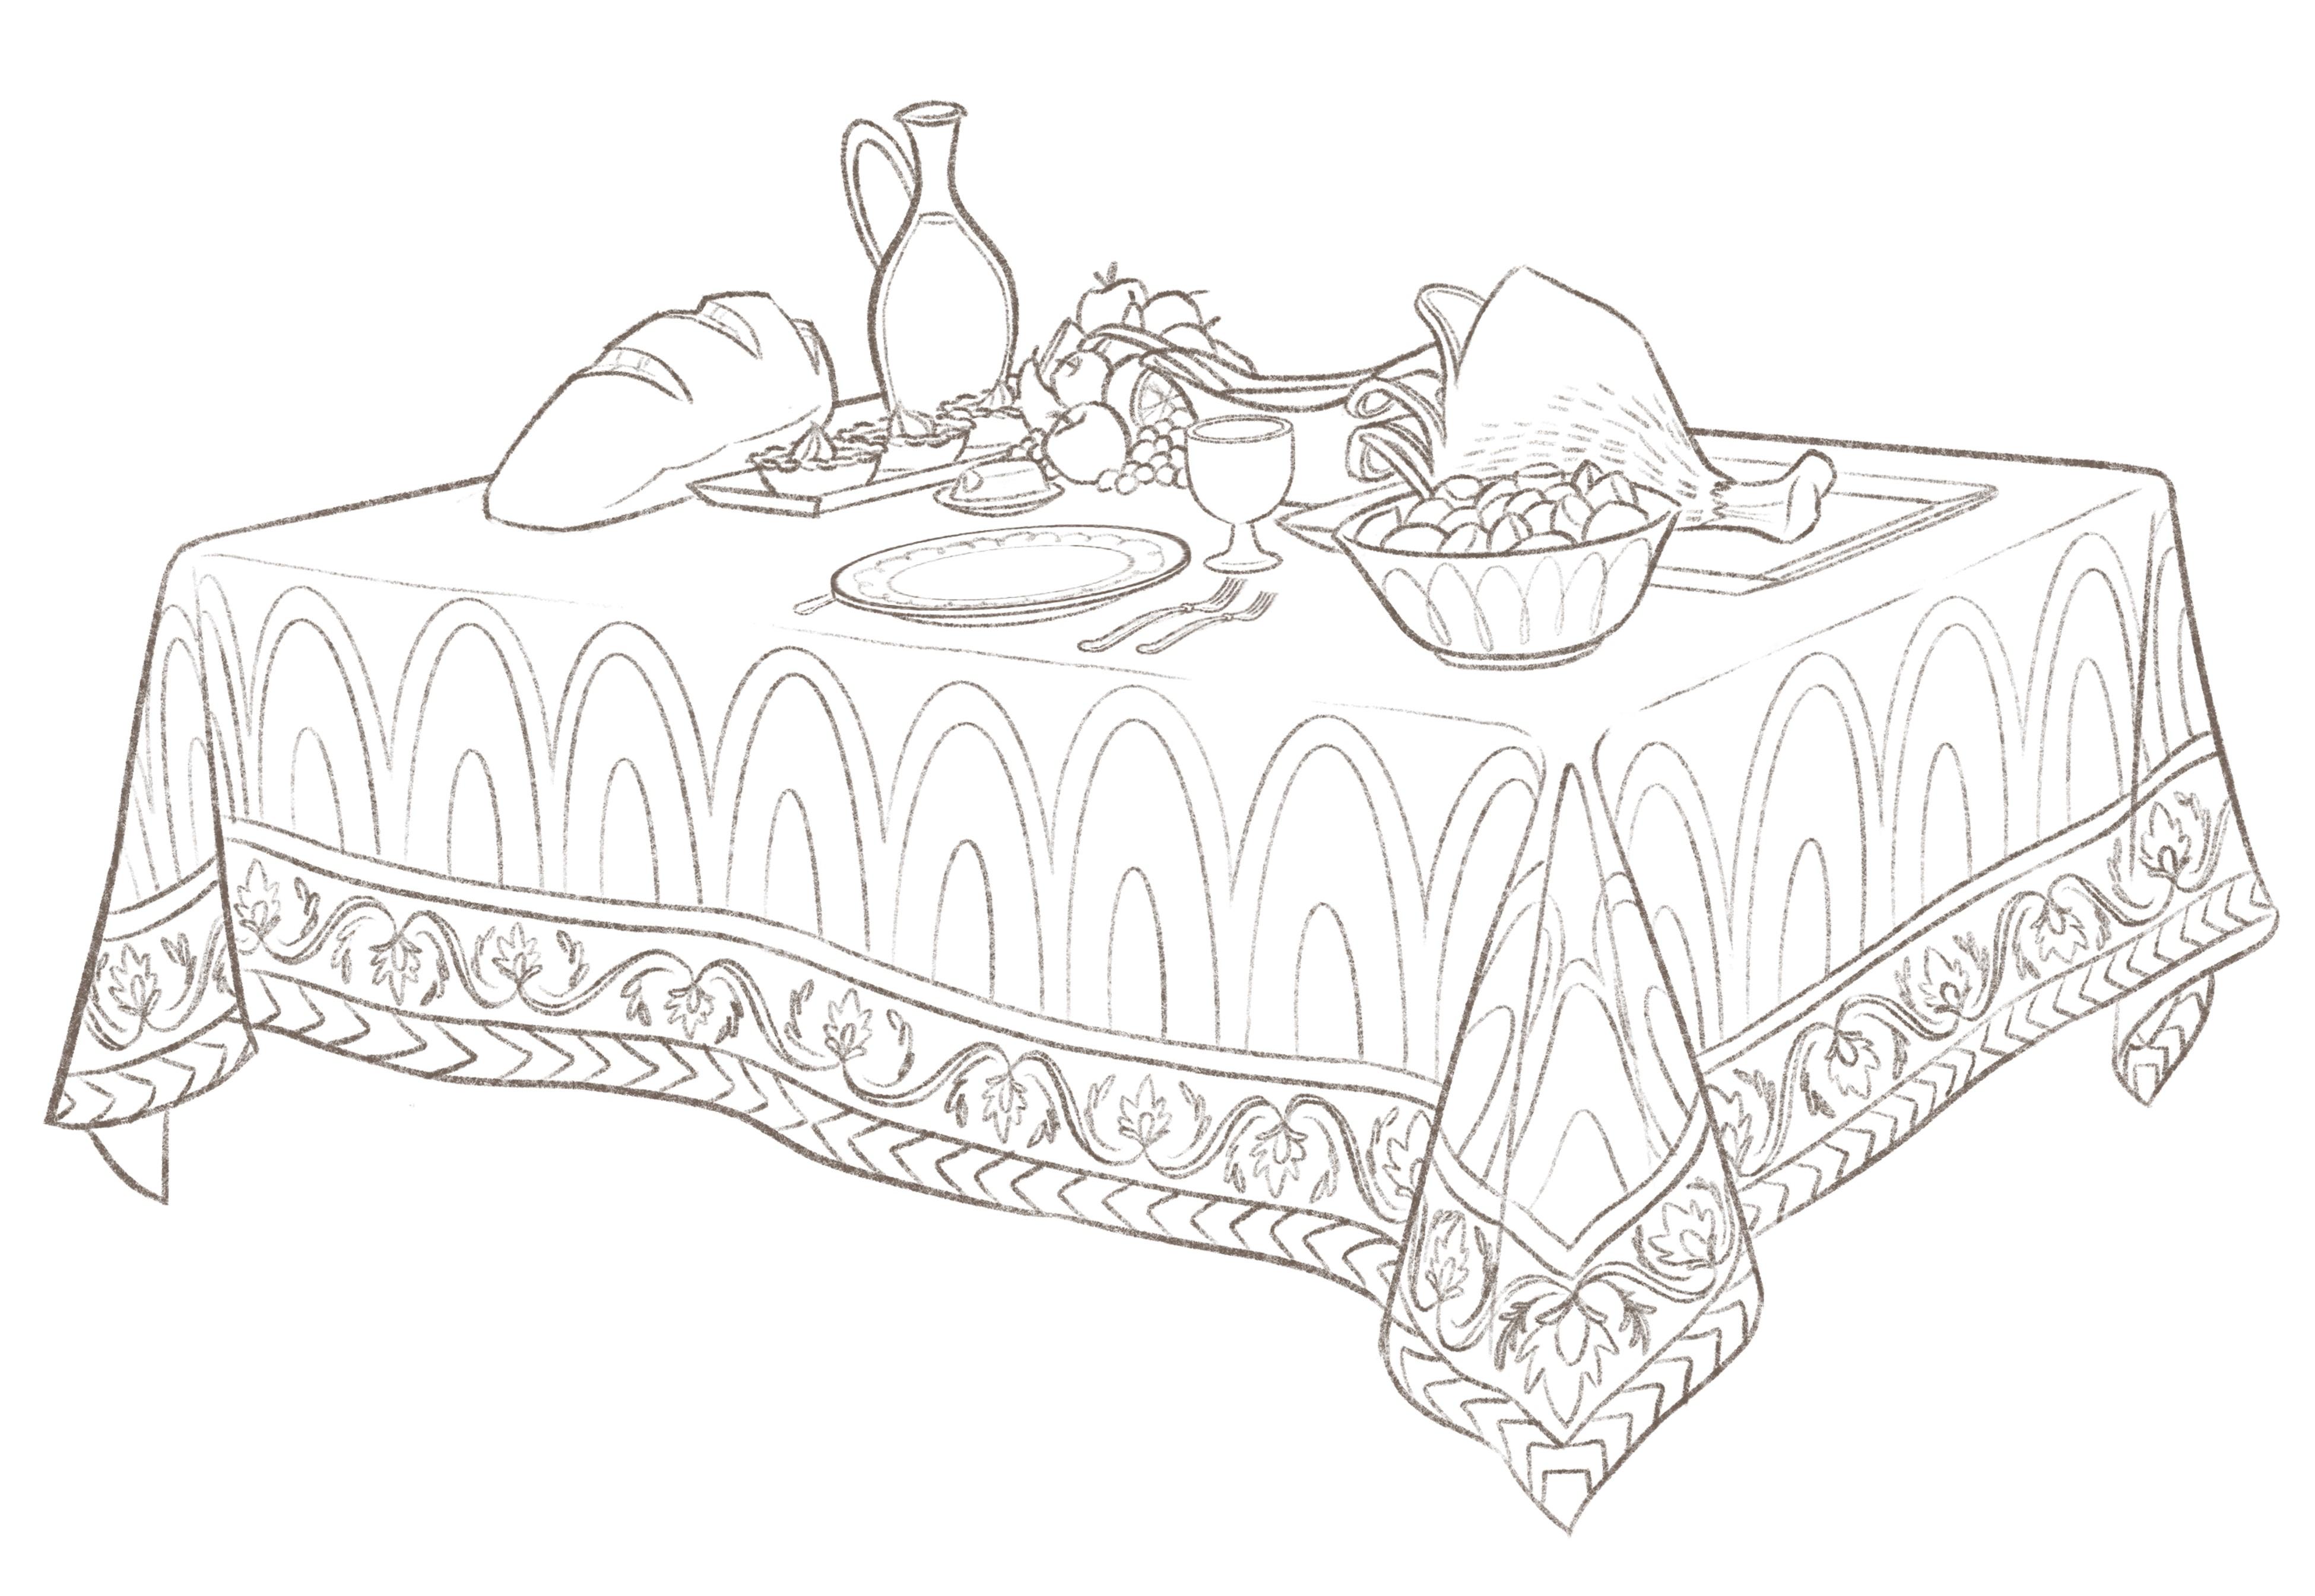 Magic Tablecloth